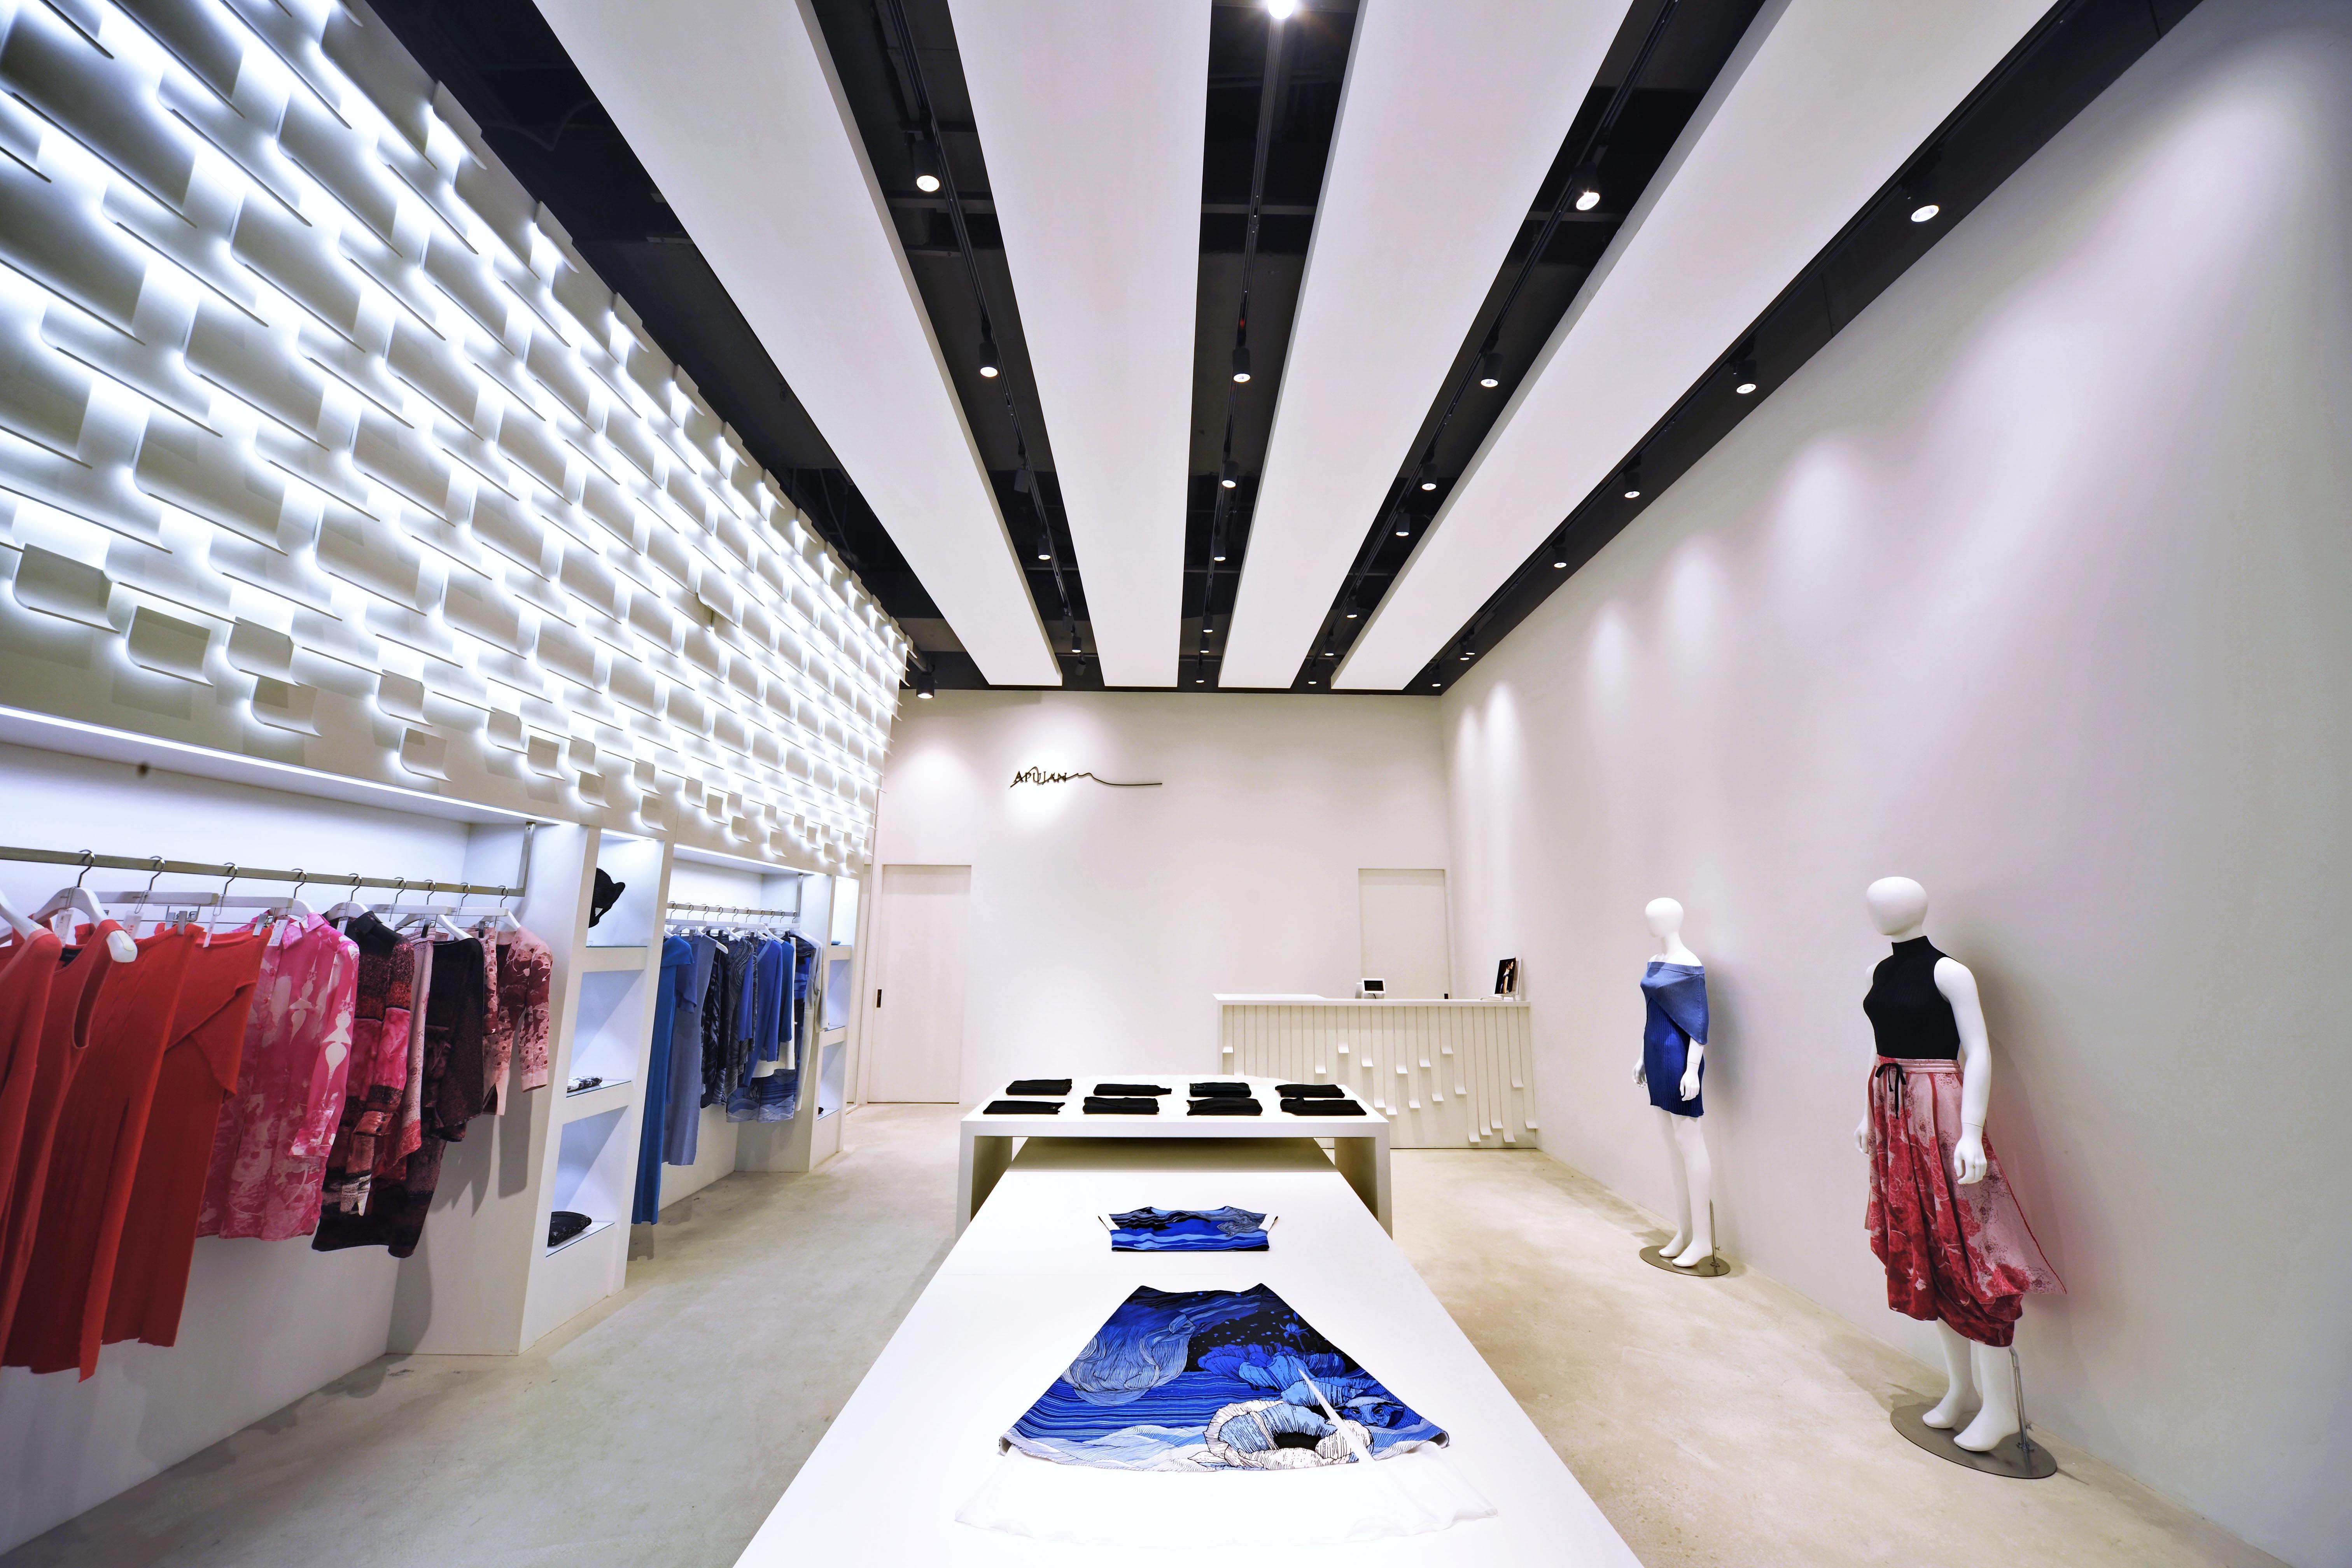 彎曲金屬板穿插著未來世界般的燈光遍佈於櫥窗木箱、服務櫃檯及櫃內牆